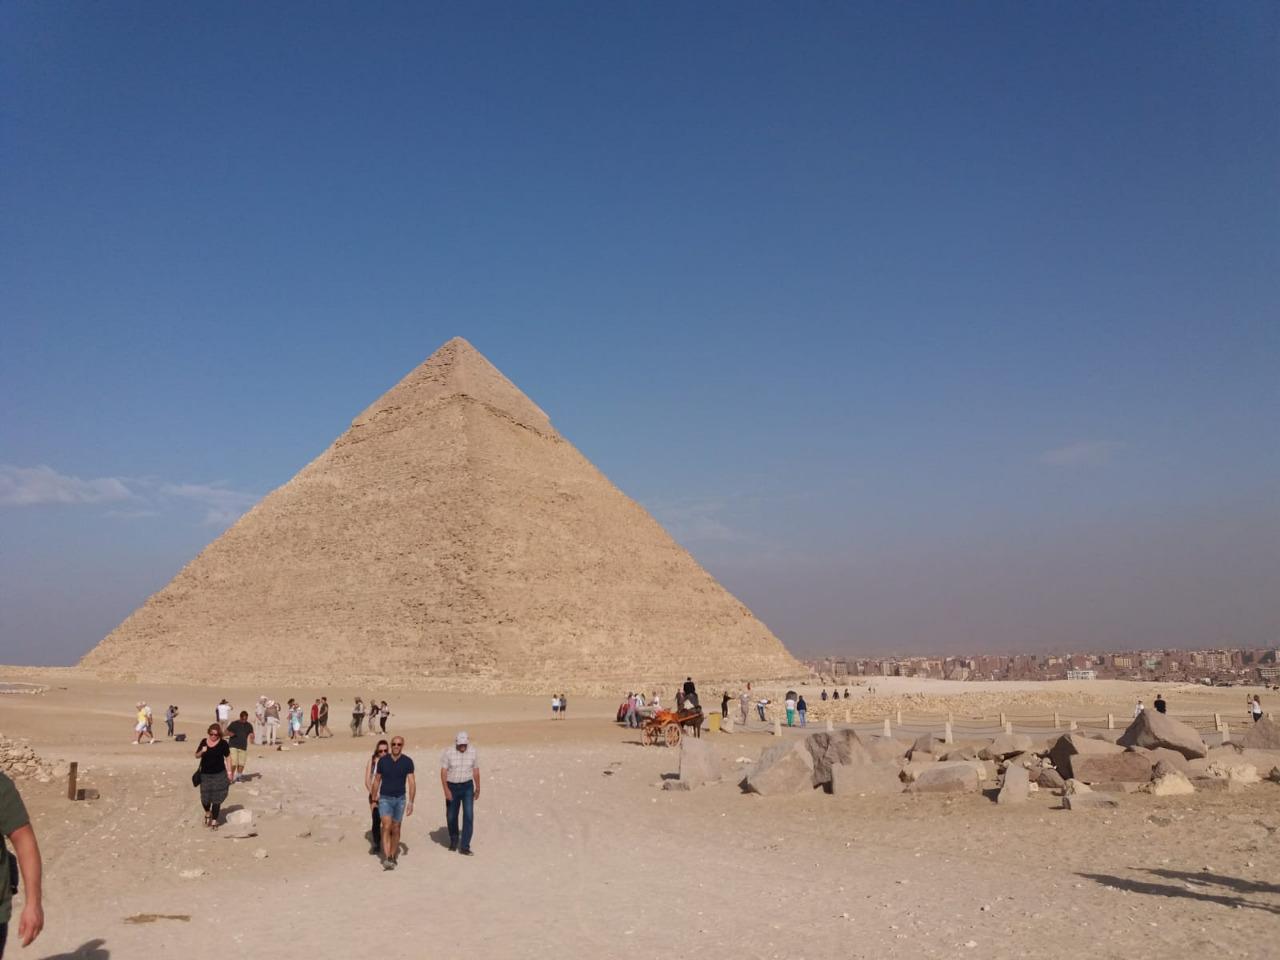 Tagesausflug nach Kairo mit dem Bus ab Soma Bay/Safaga